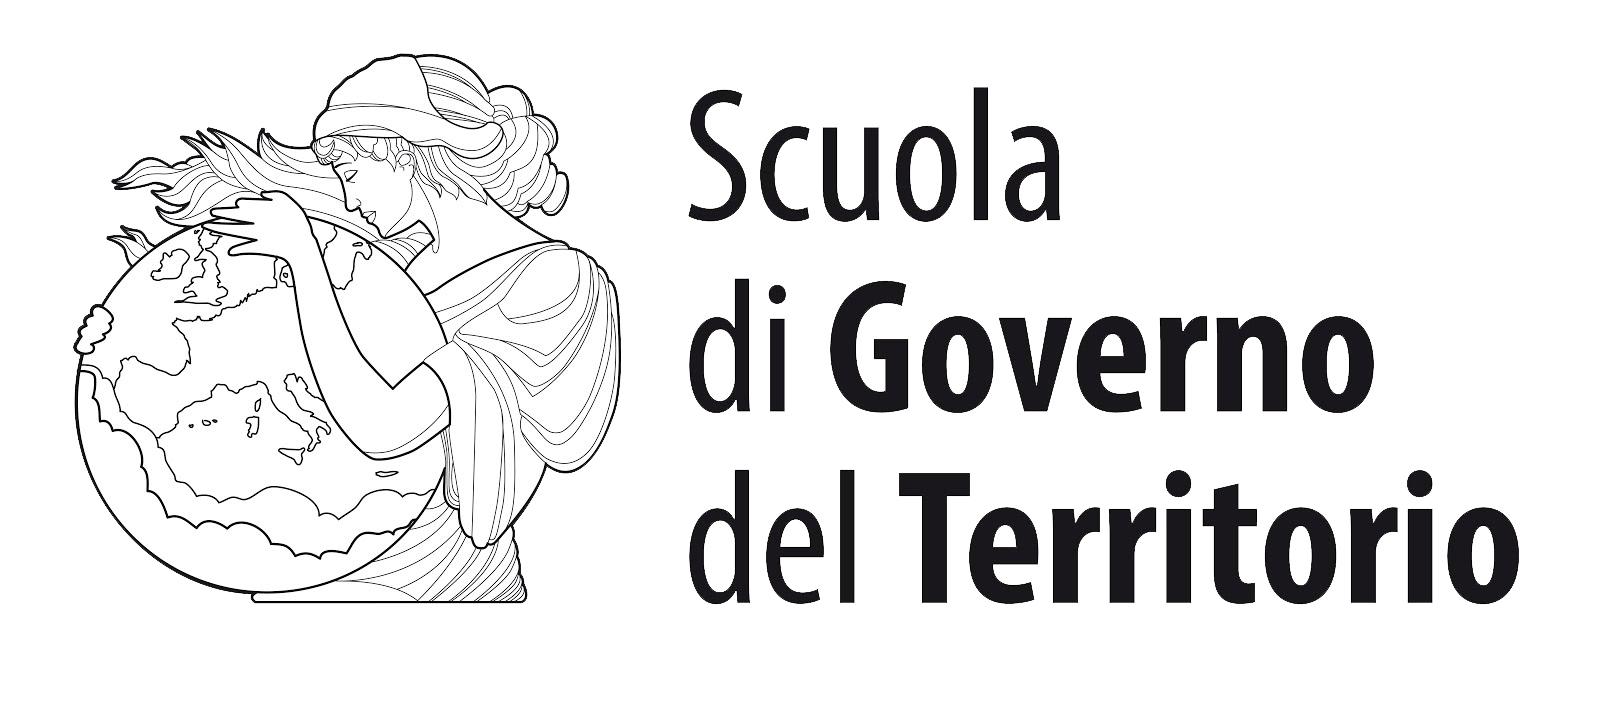 Scuola di Governo del Territorio